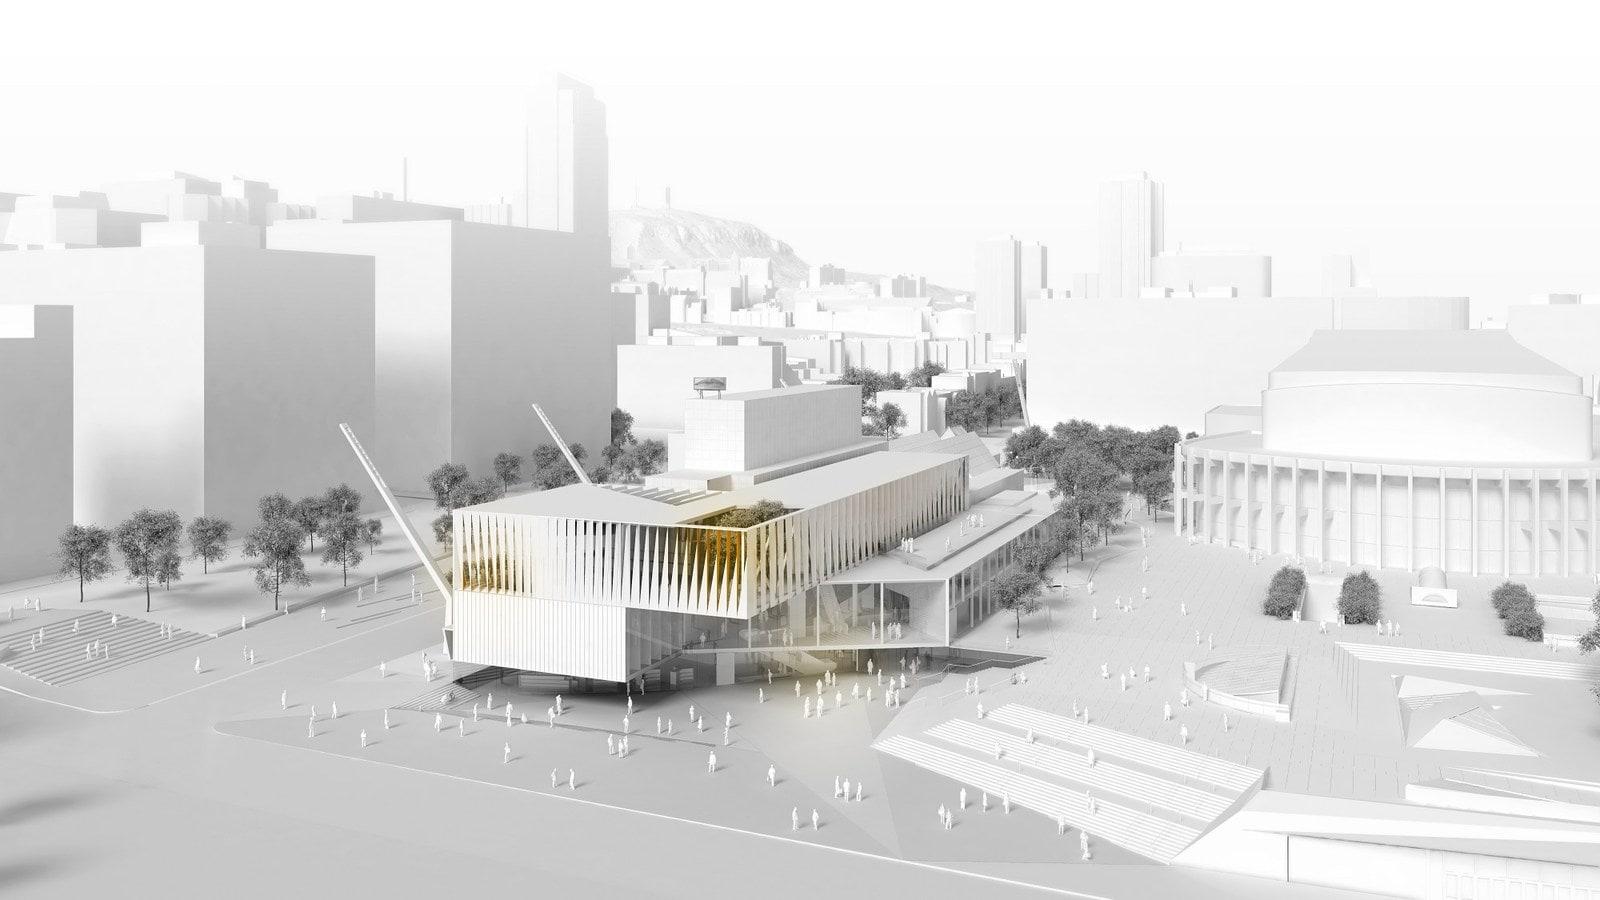 Musée d'art contemporain (MAC)